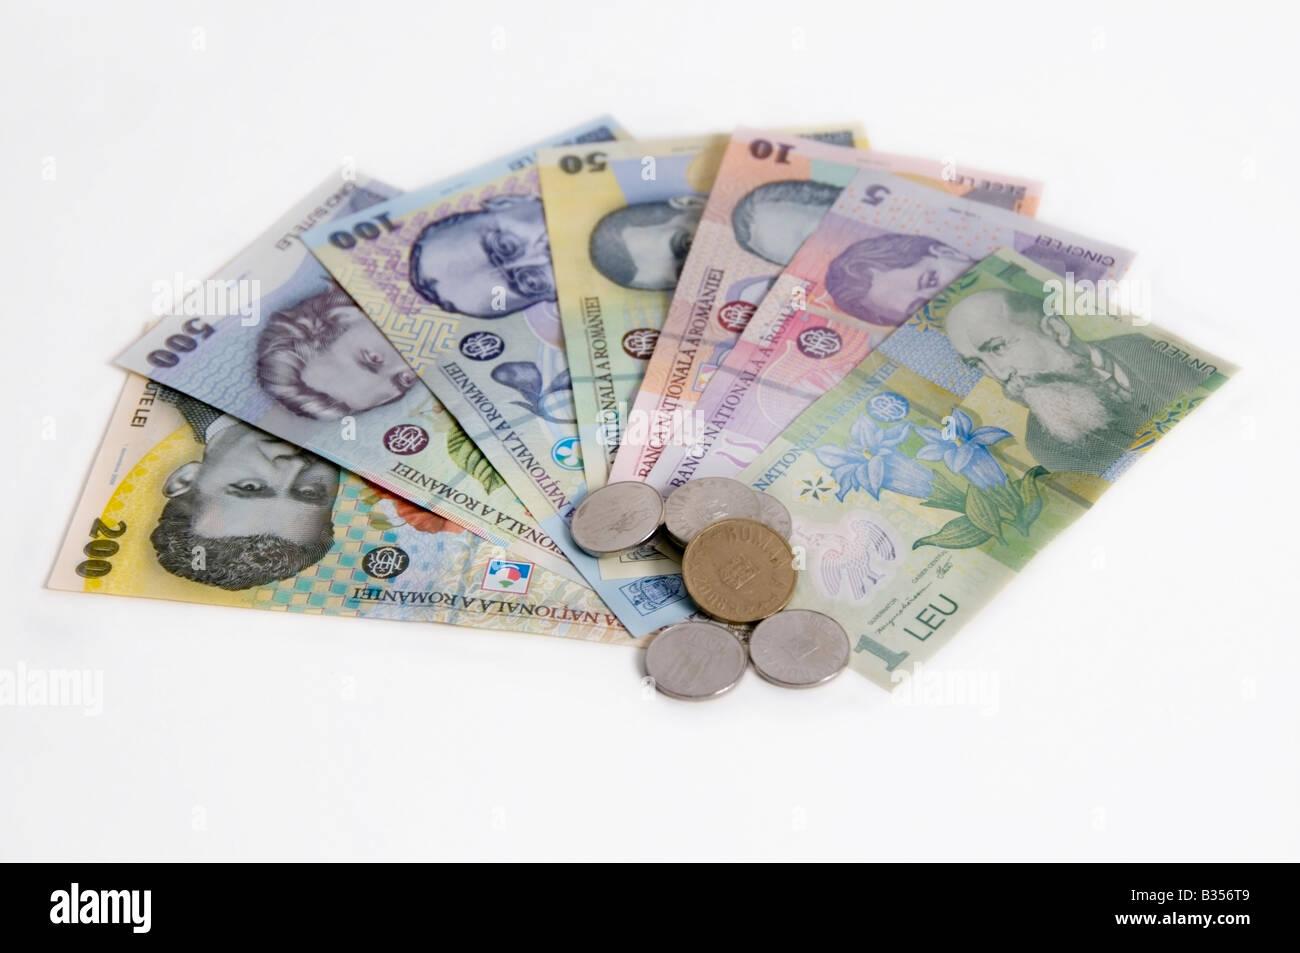 Romanian Money Lei Banknotes 1 Leu With Nicolae Iorga